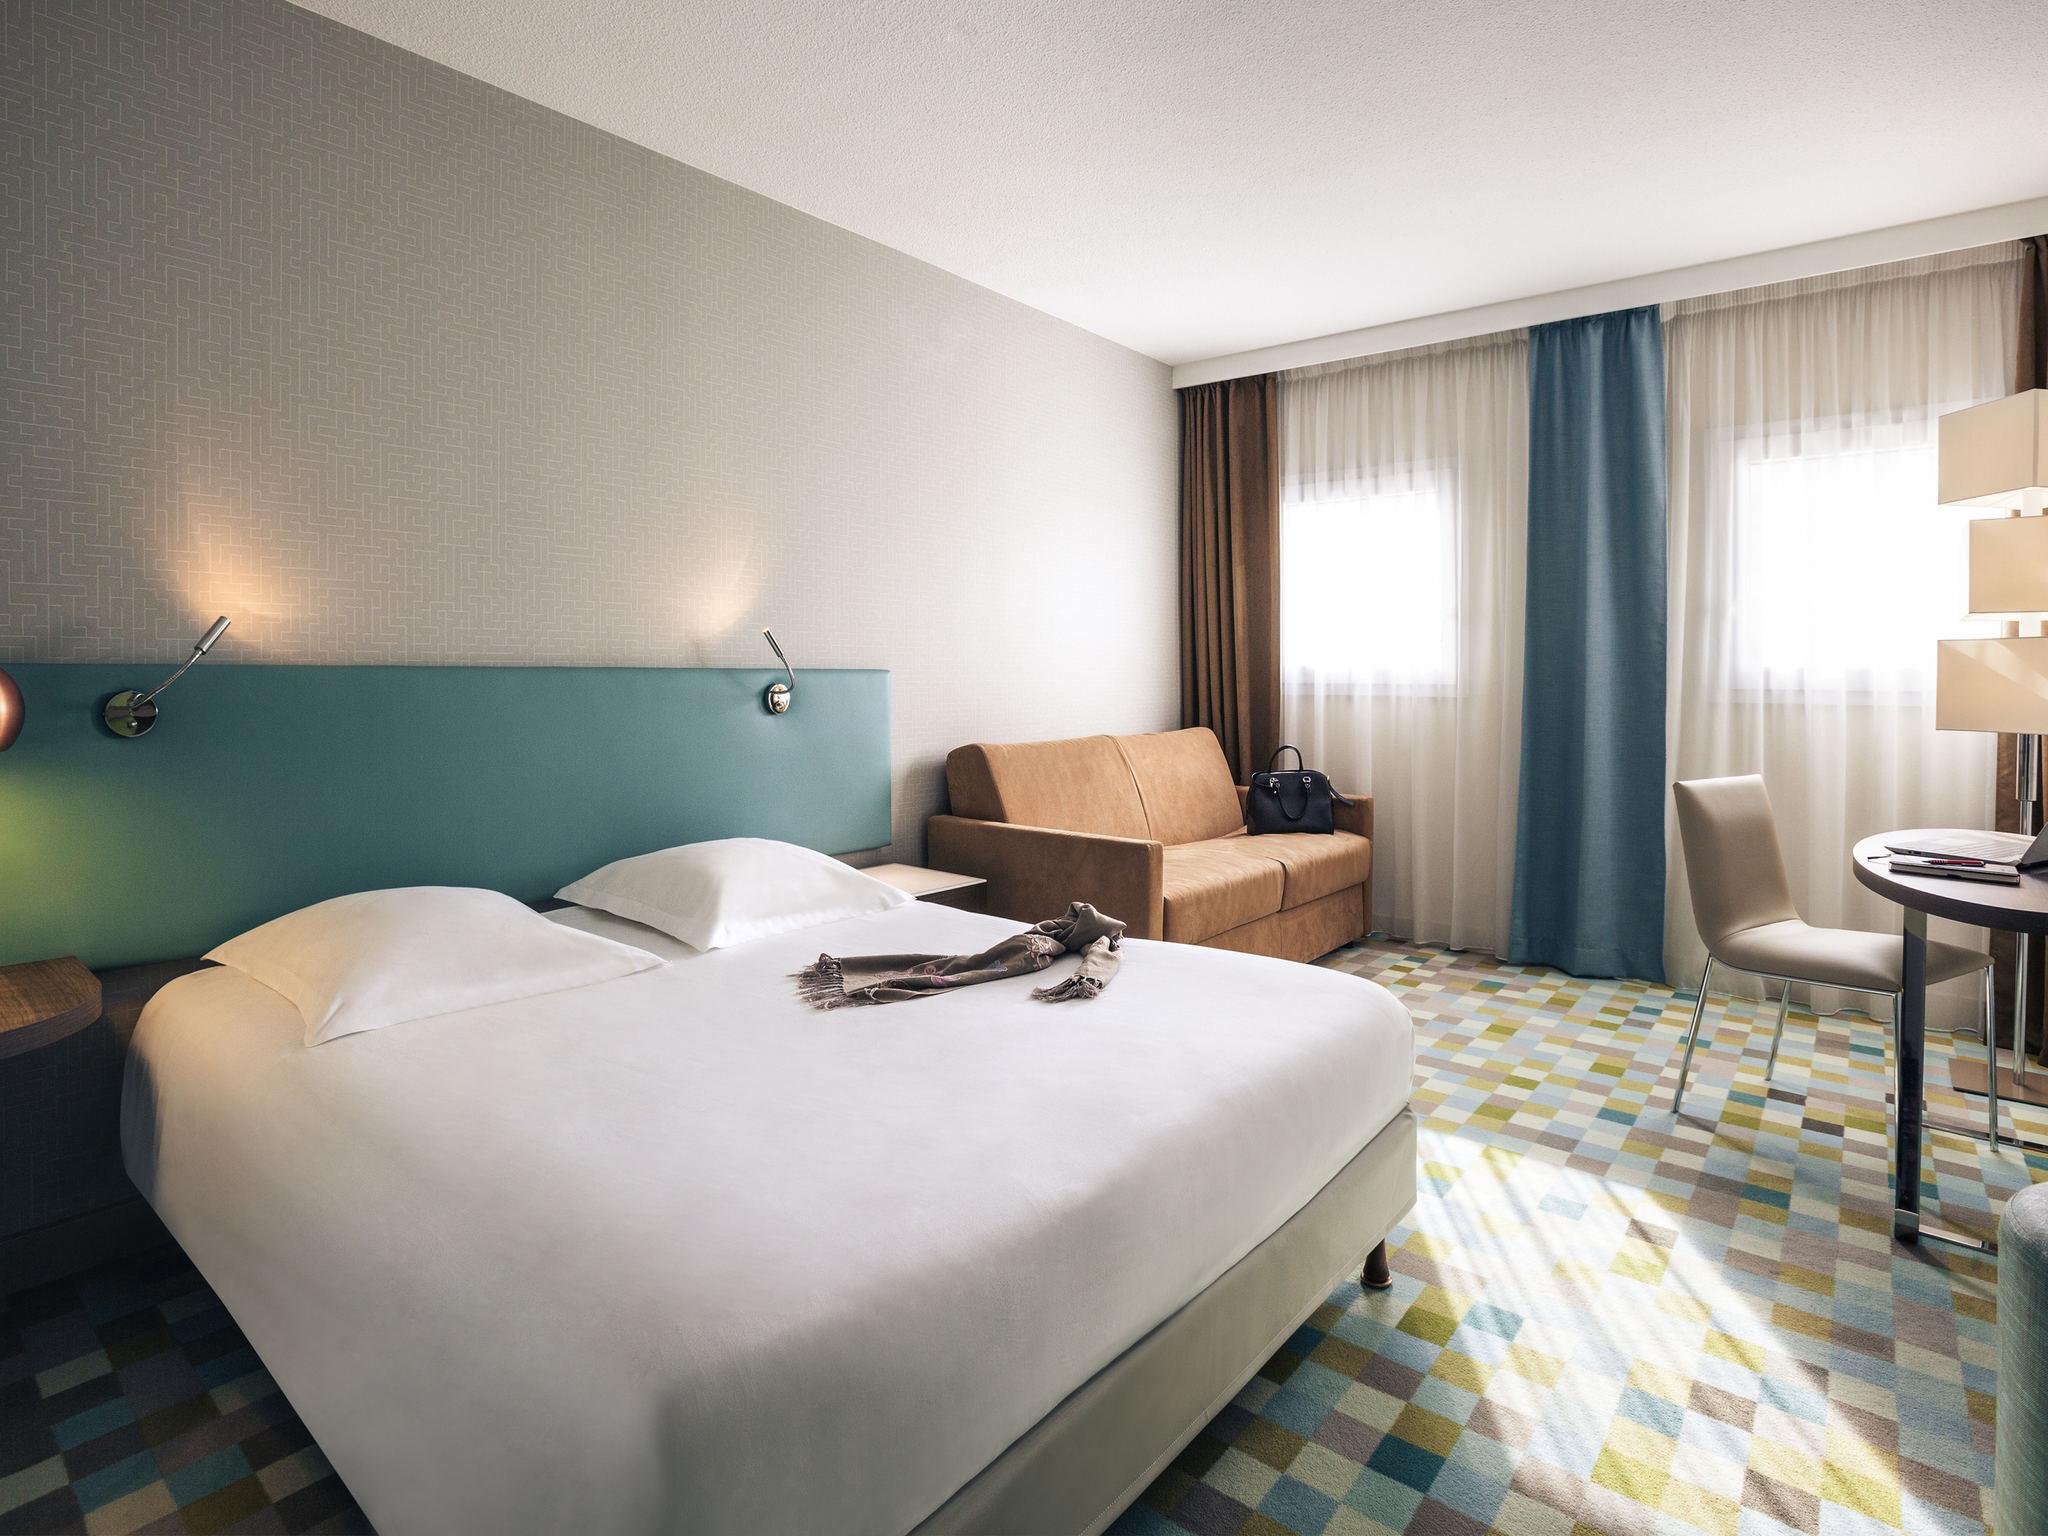 호텔 – Hôtel Mercure Marne-la-Vallée Bussy-Saint-Georges